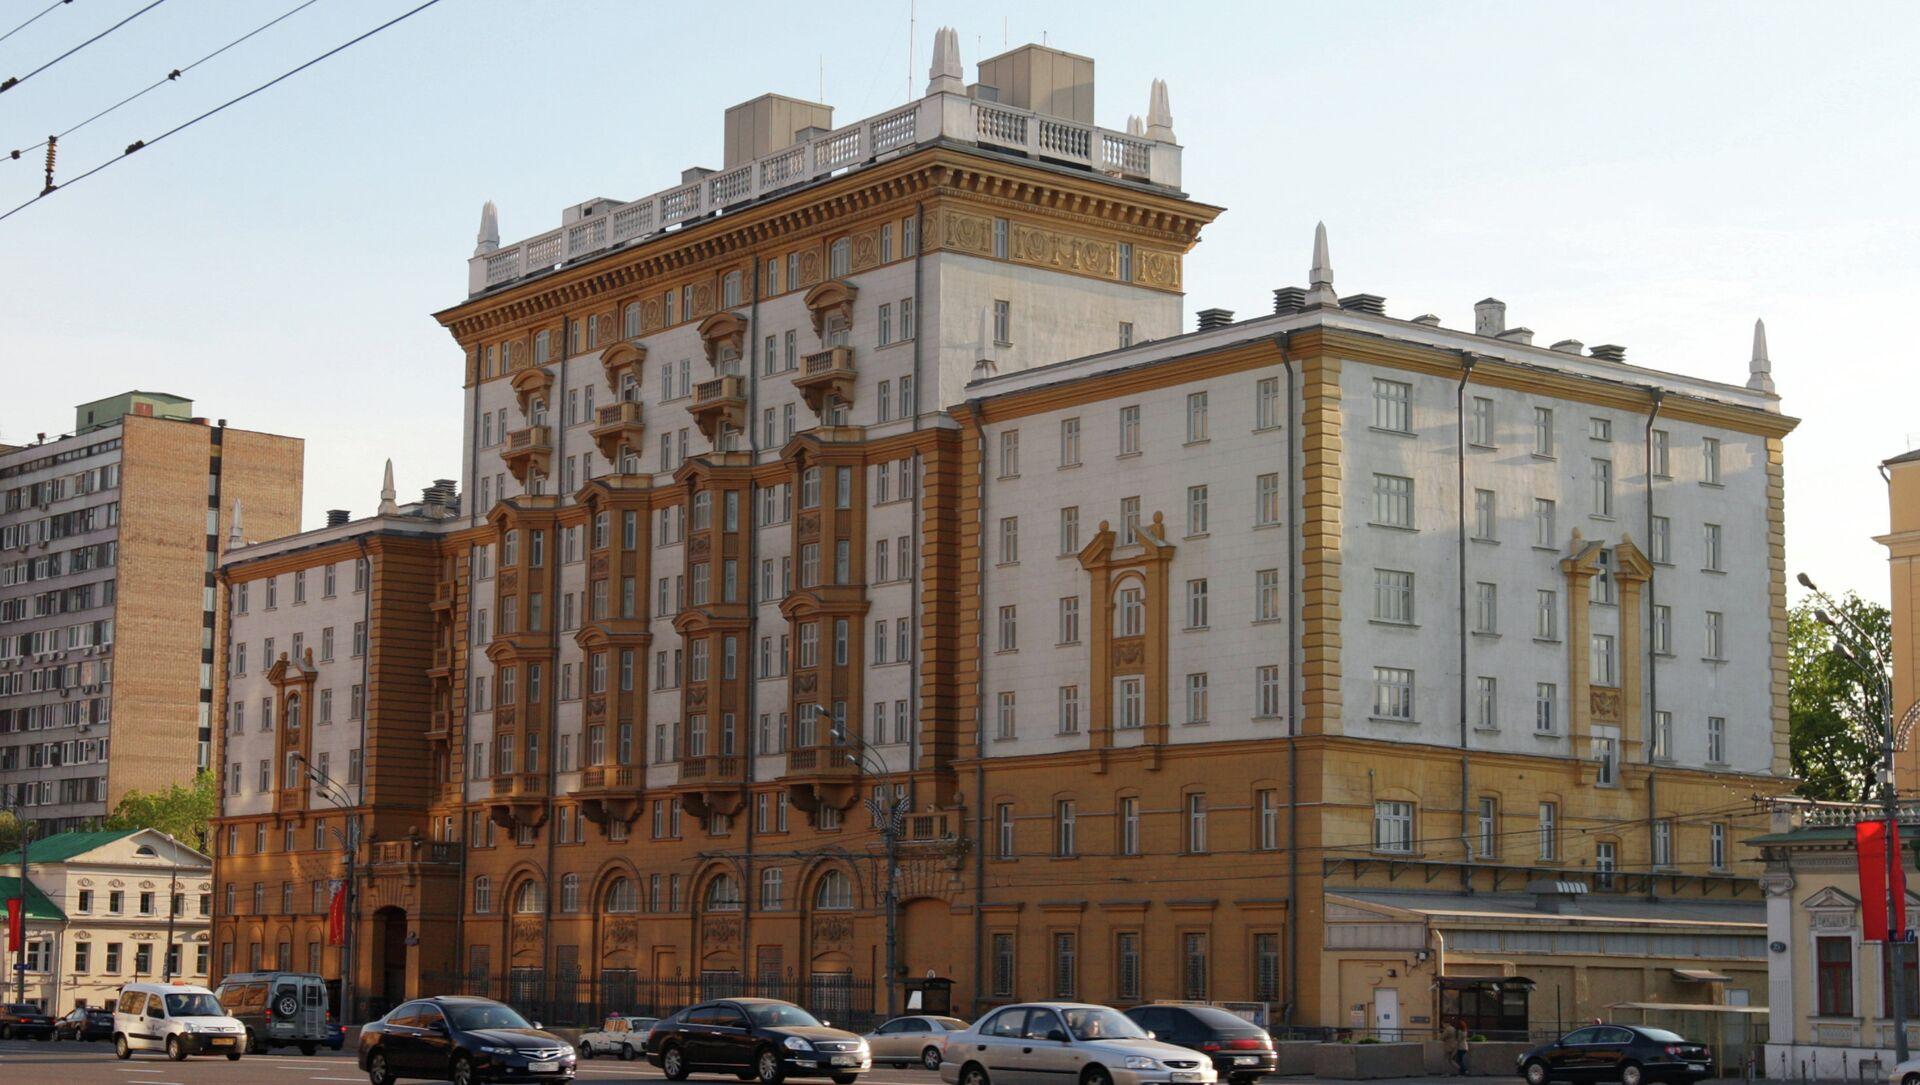 Амбасада САД у Москви - Sputnik Србија, 1920, 18.02.2021